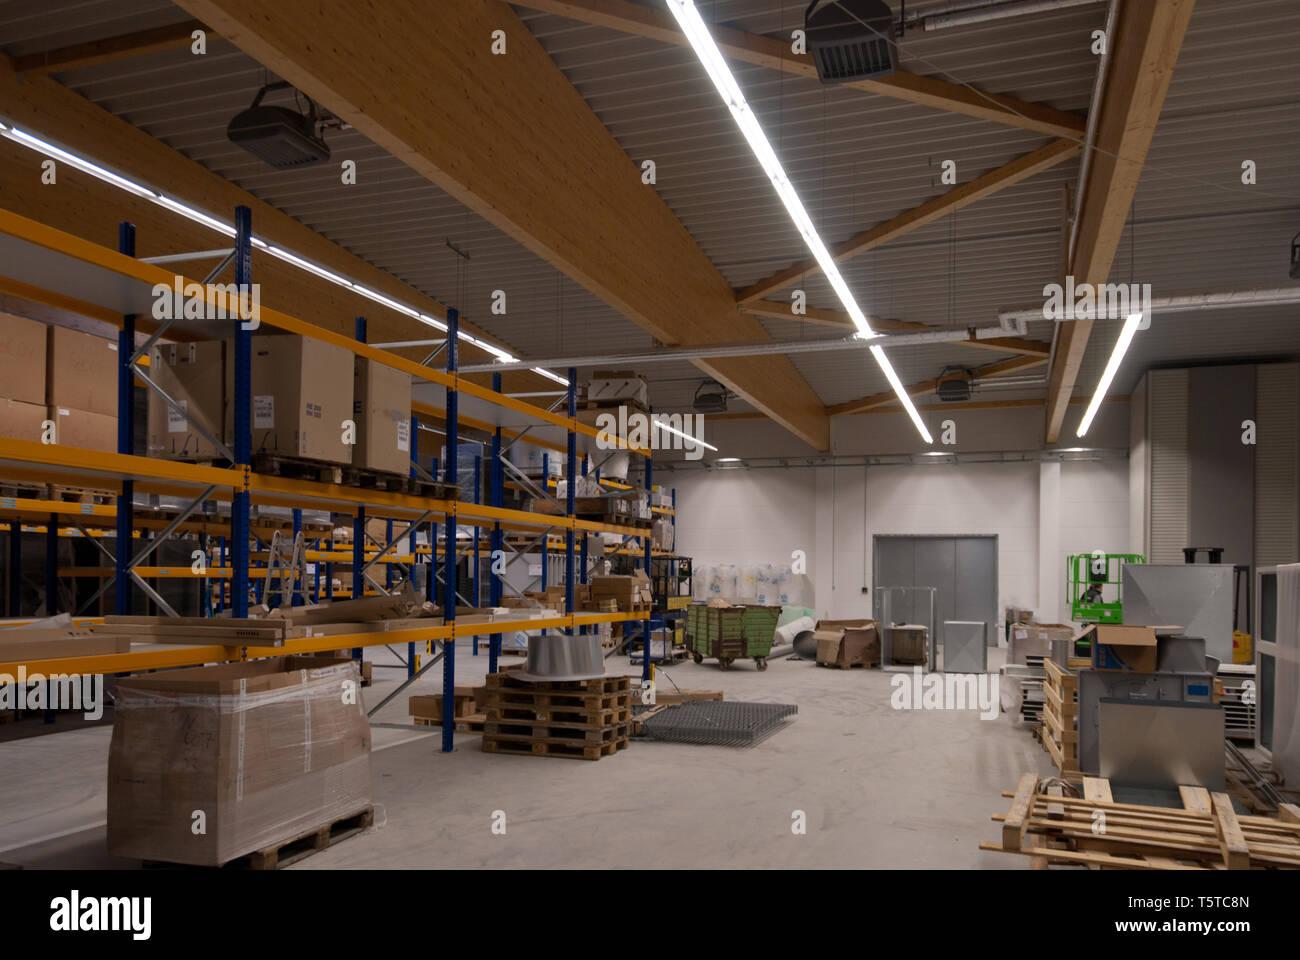 Eine große Fabrik gebäude ist in einem Lagerhaus umgewandelt Stockfoto